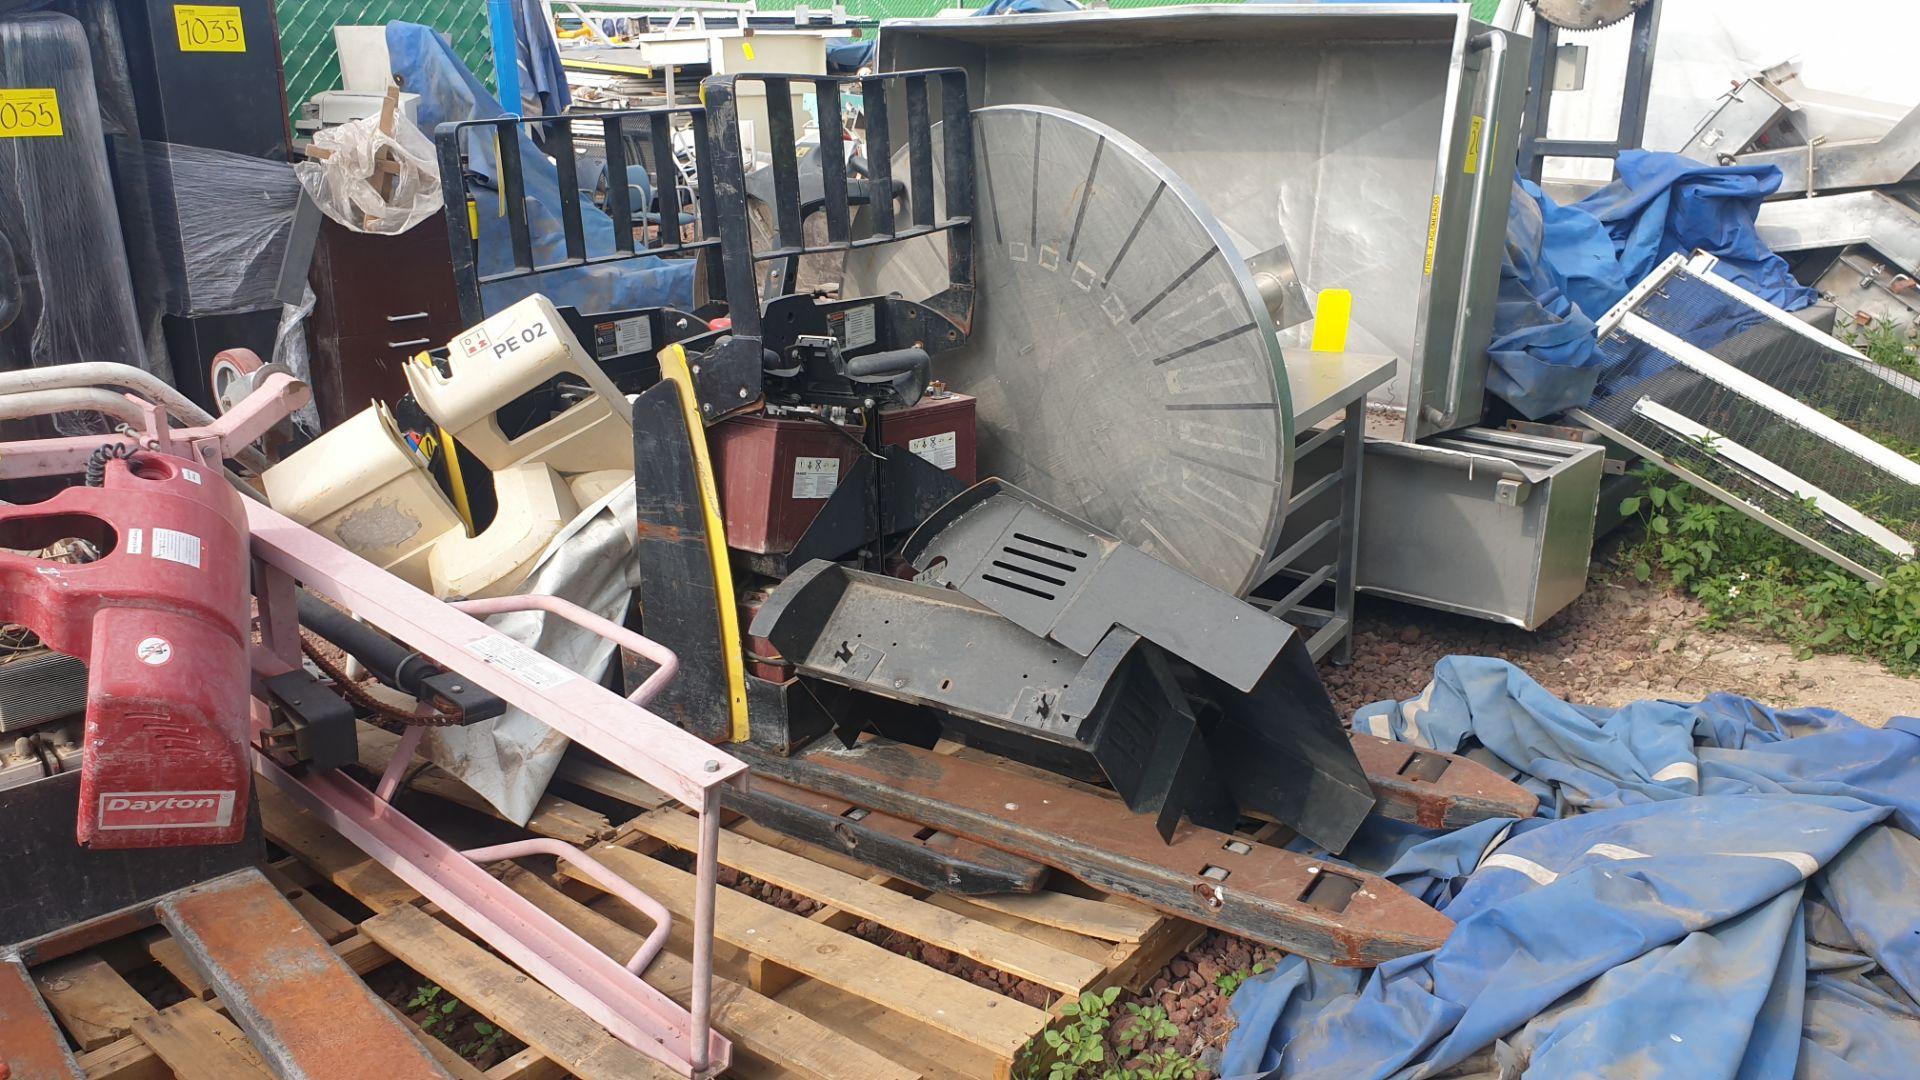 2 HYSTER lift pallet truck model W45ZHD 24 V , 1 DAYTON lift pallet truck model 21XV82 - Image 9 of 21